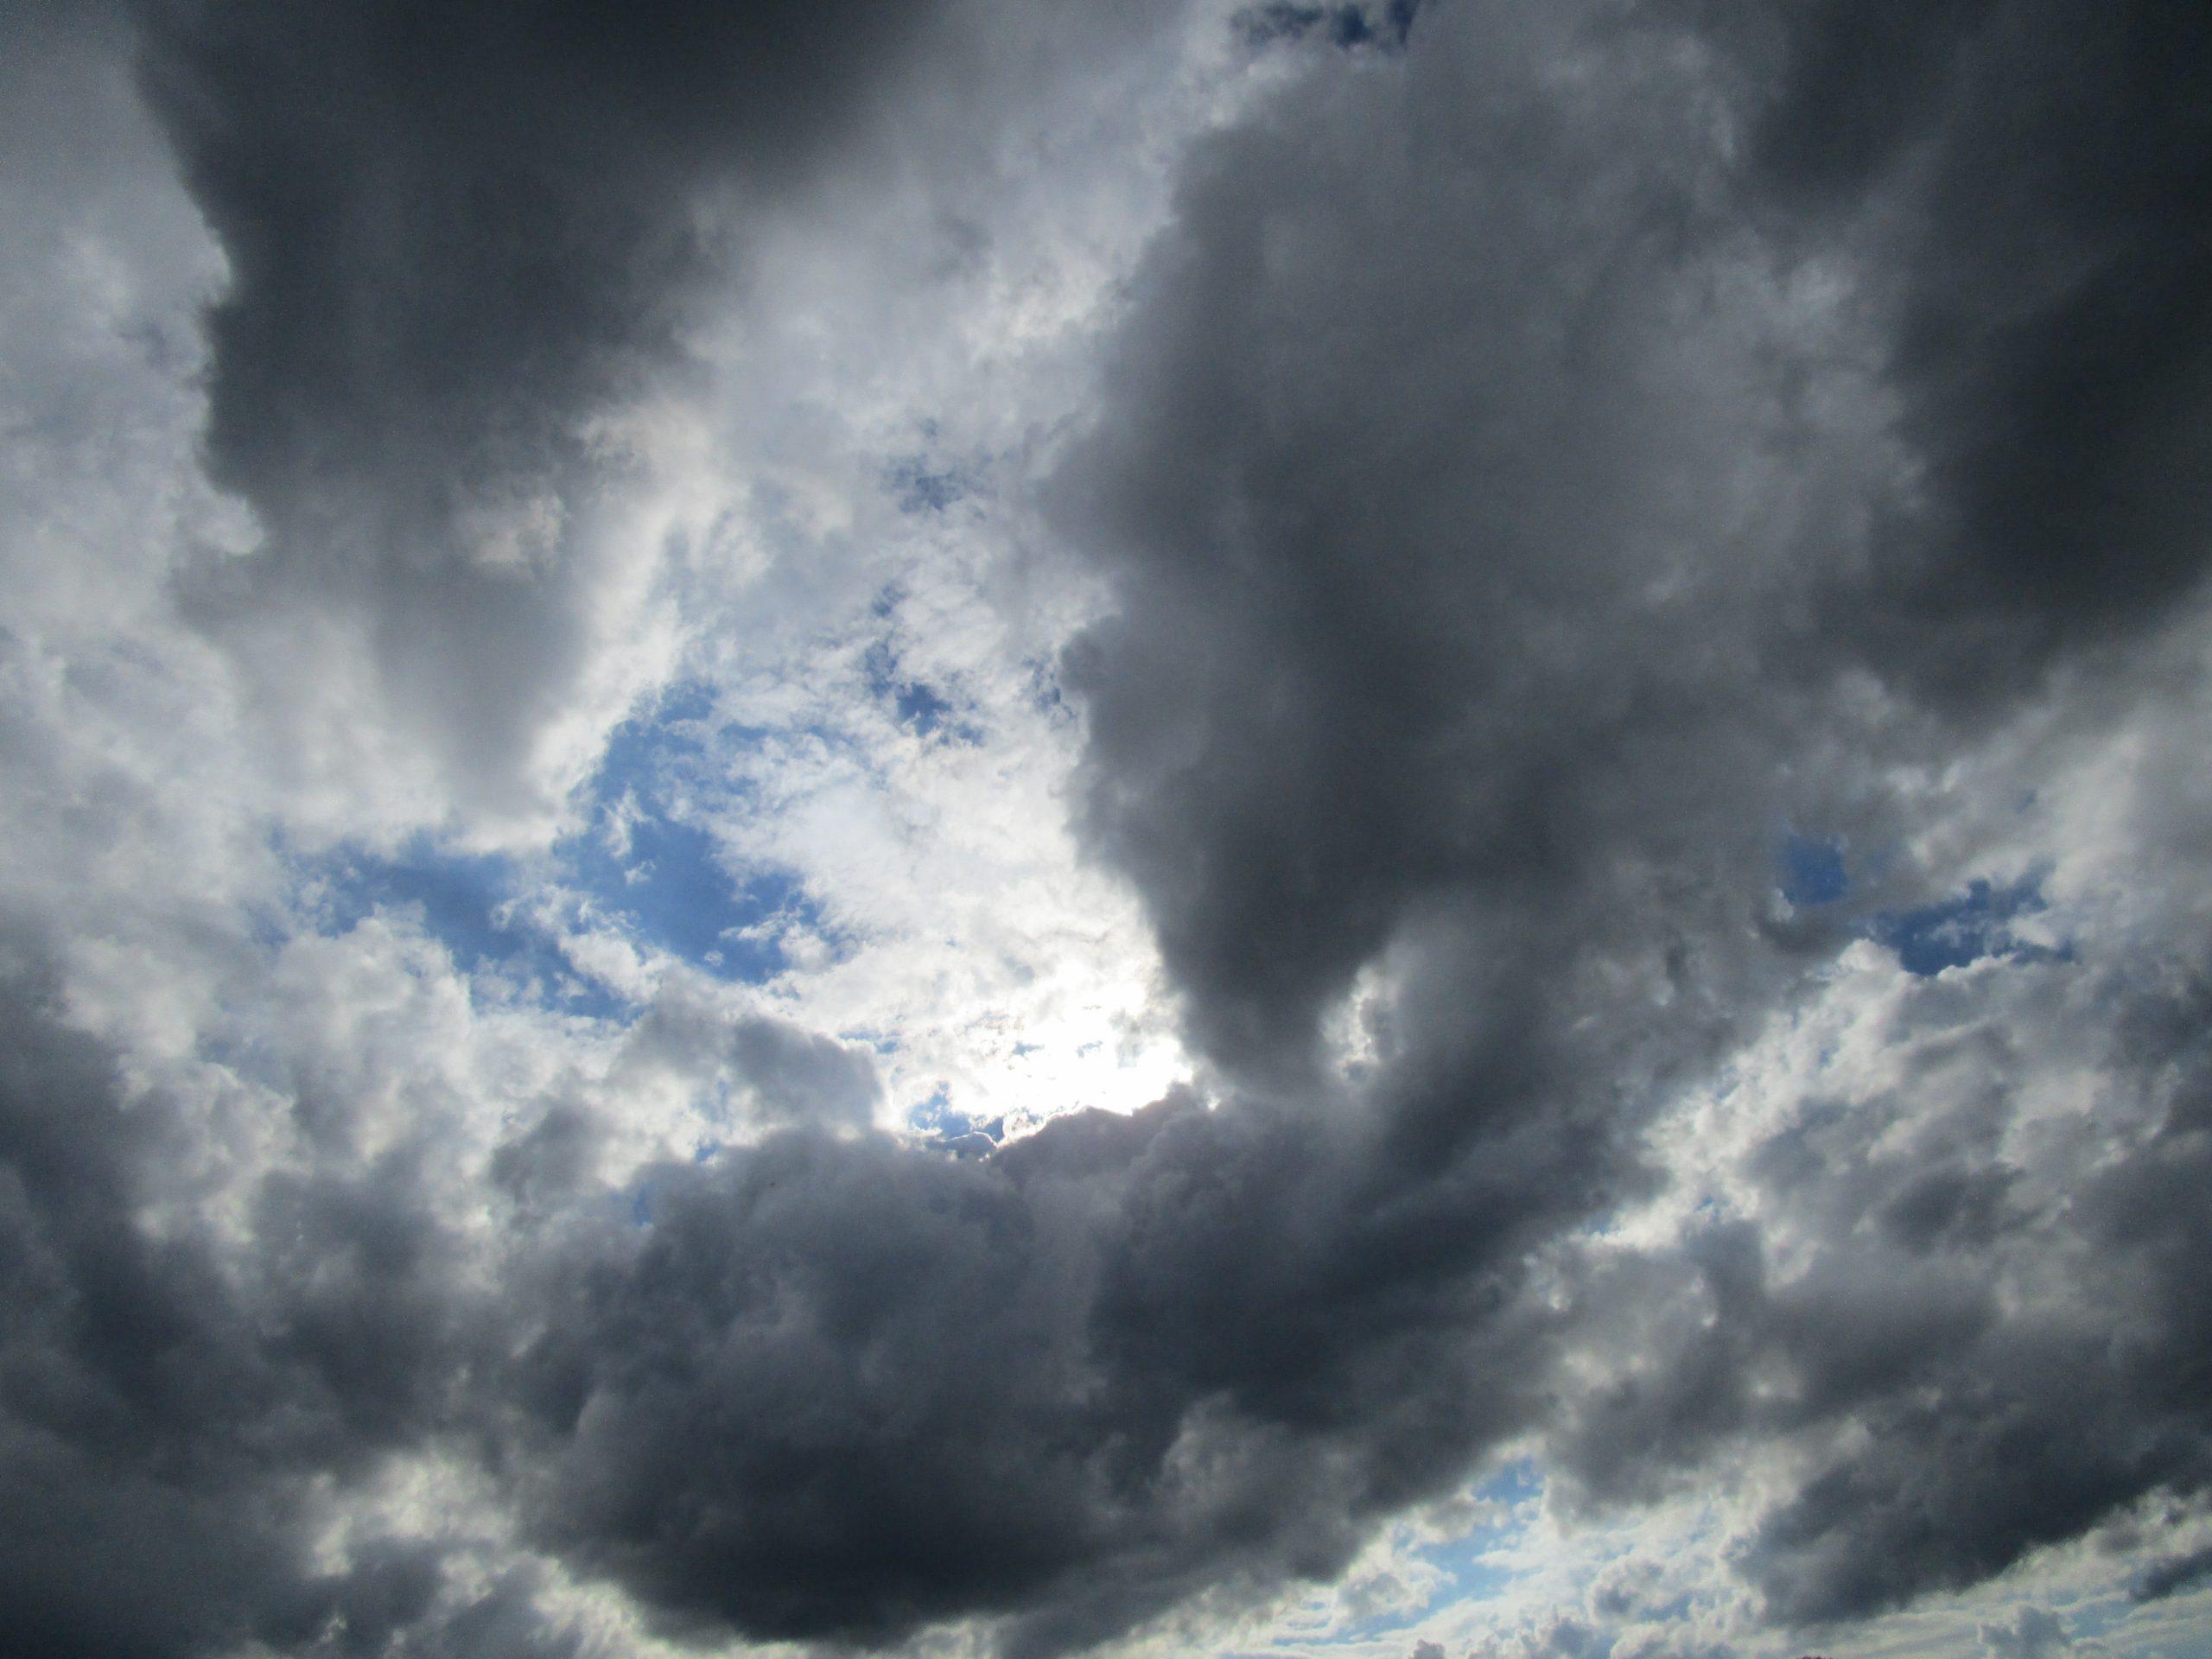 Neue Studie: Treibhausgasemissionen steigen 2021 erheblich